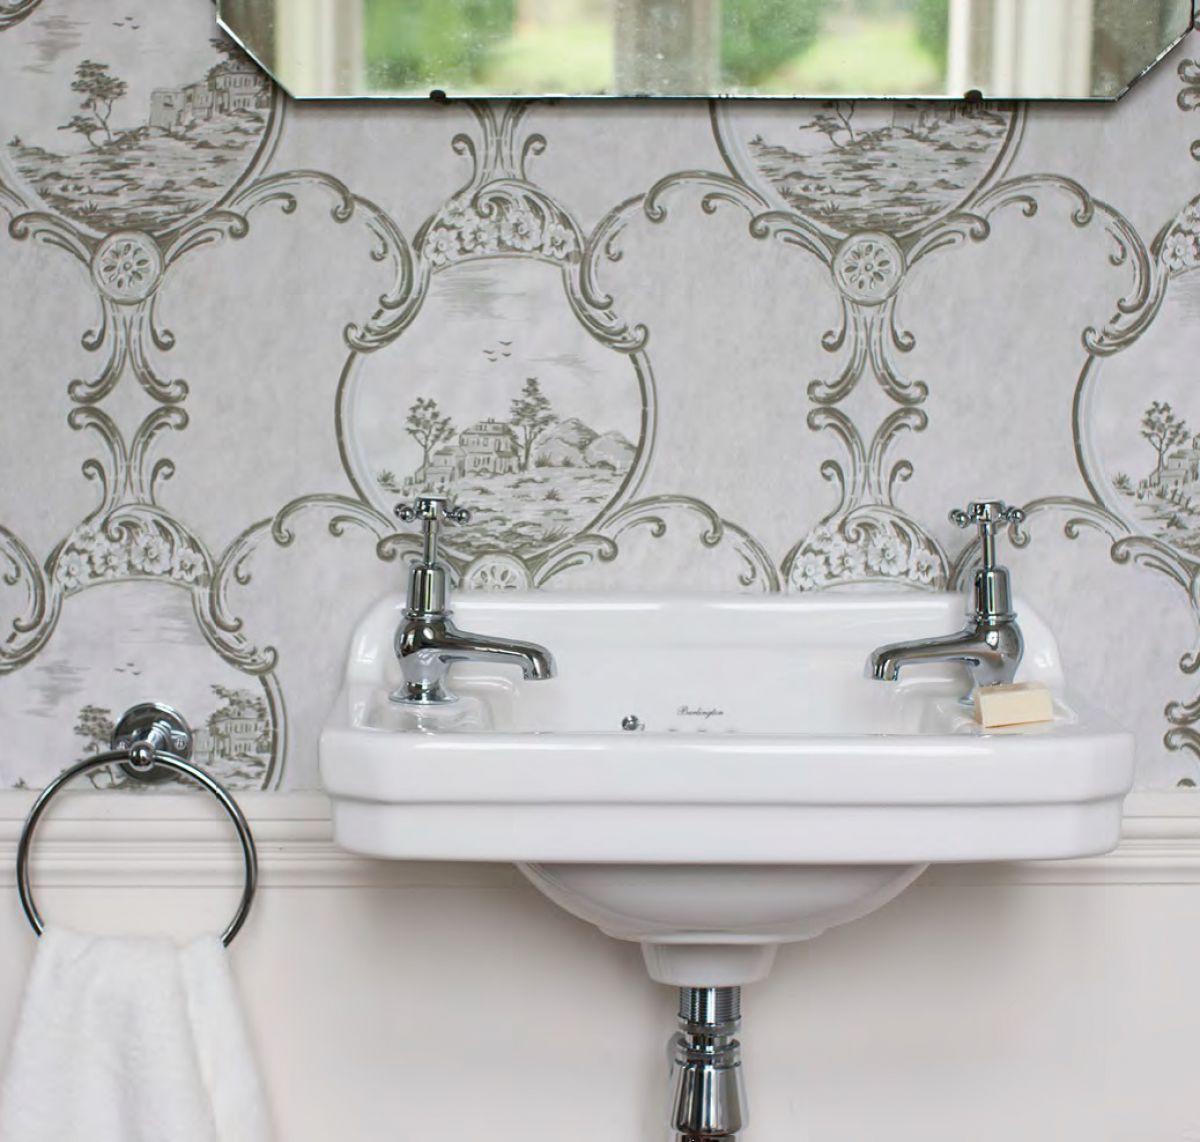 burlington edwardian cloakroom basin uk bathrooms bathroom burlington edwardian cloakroom basin uk bathrooms